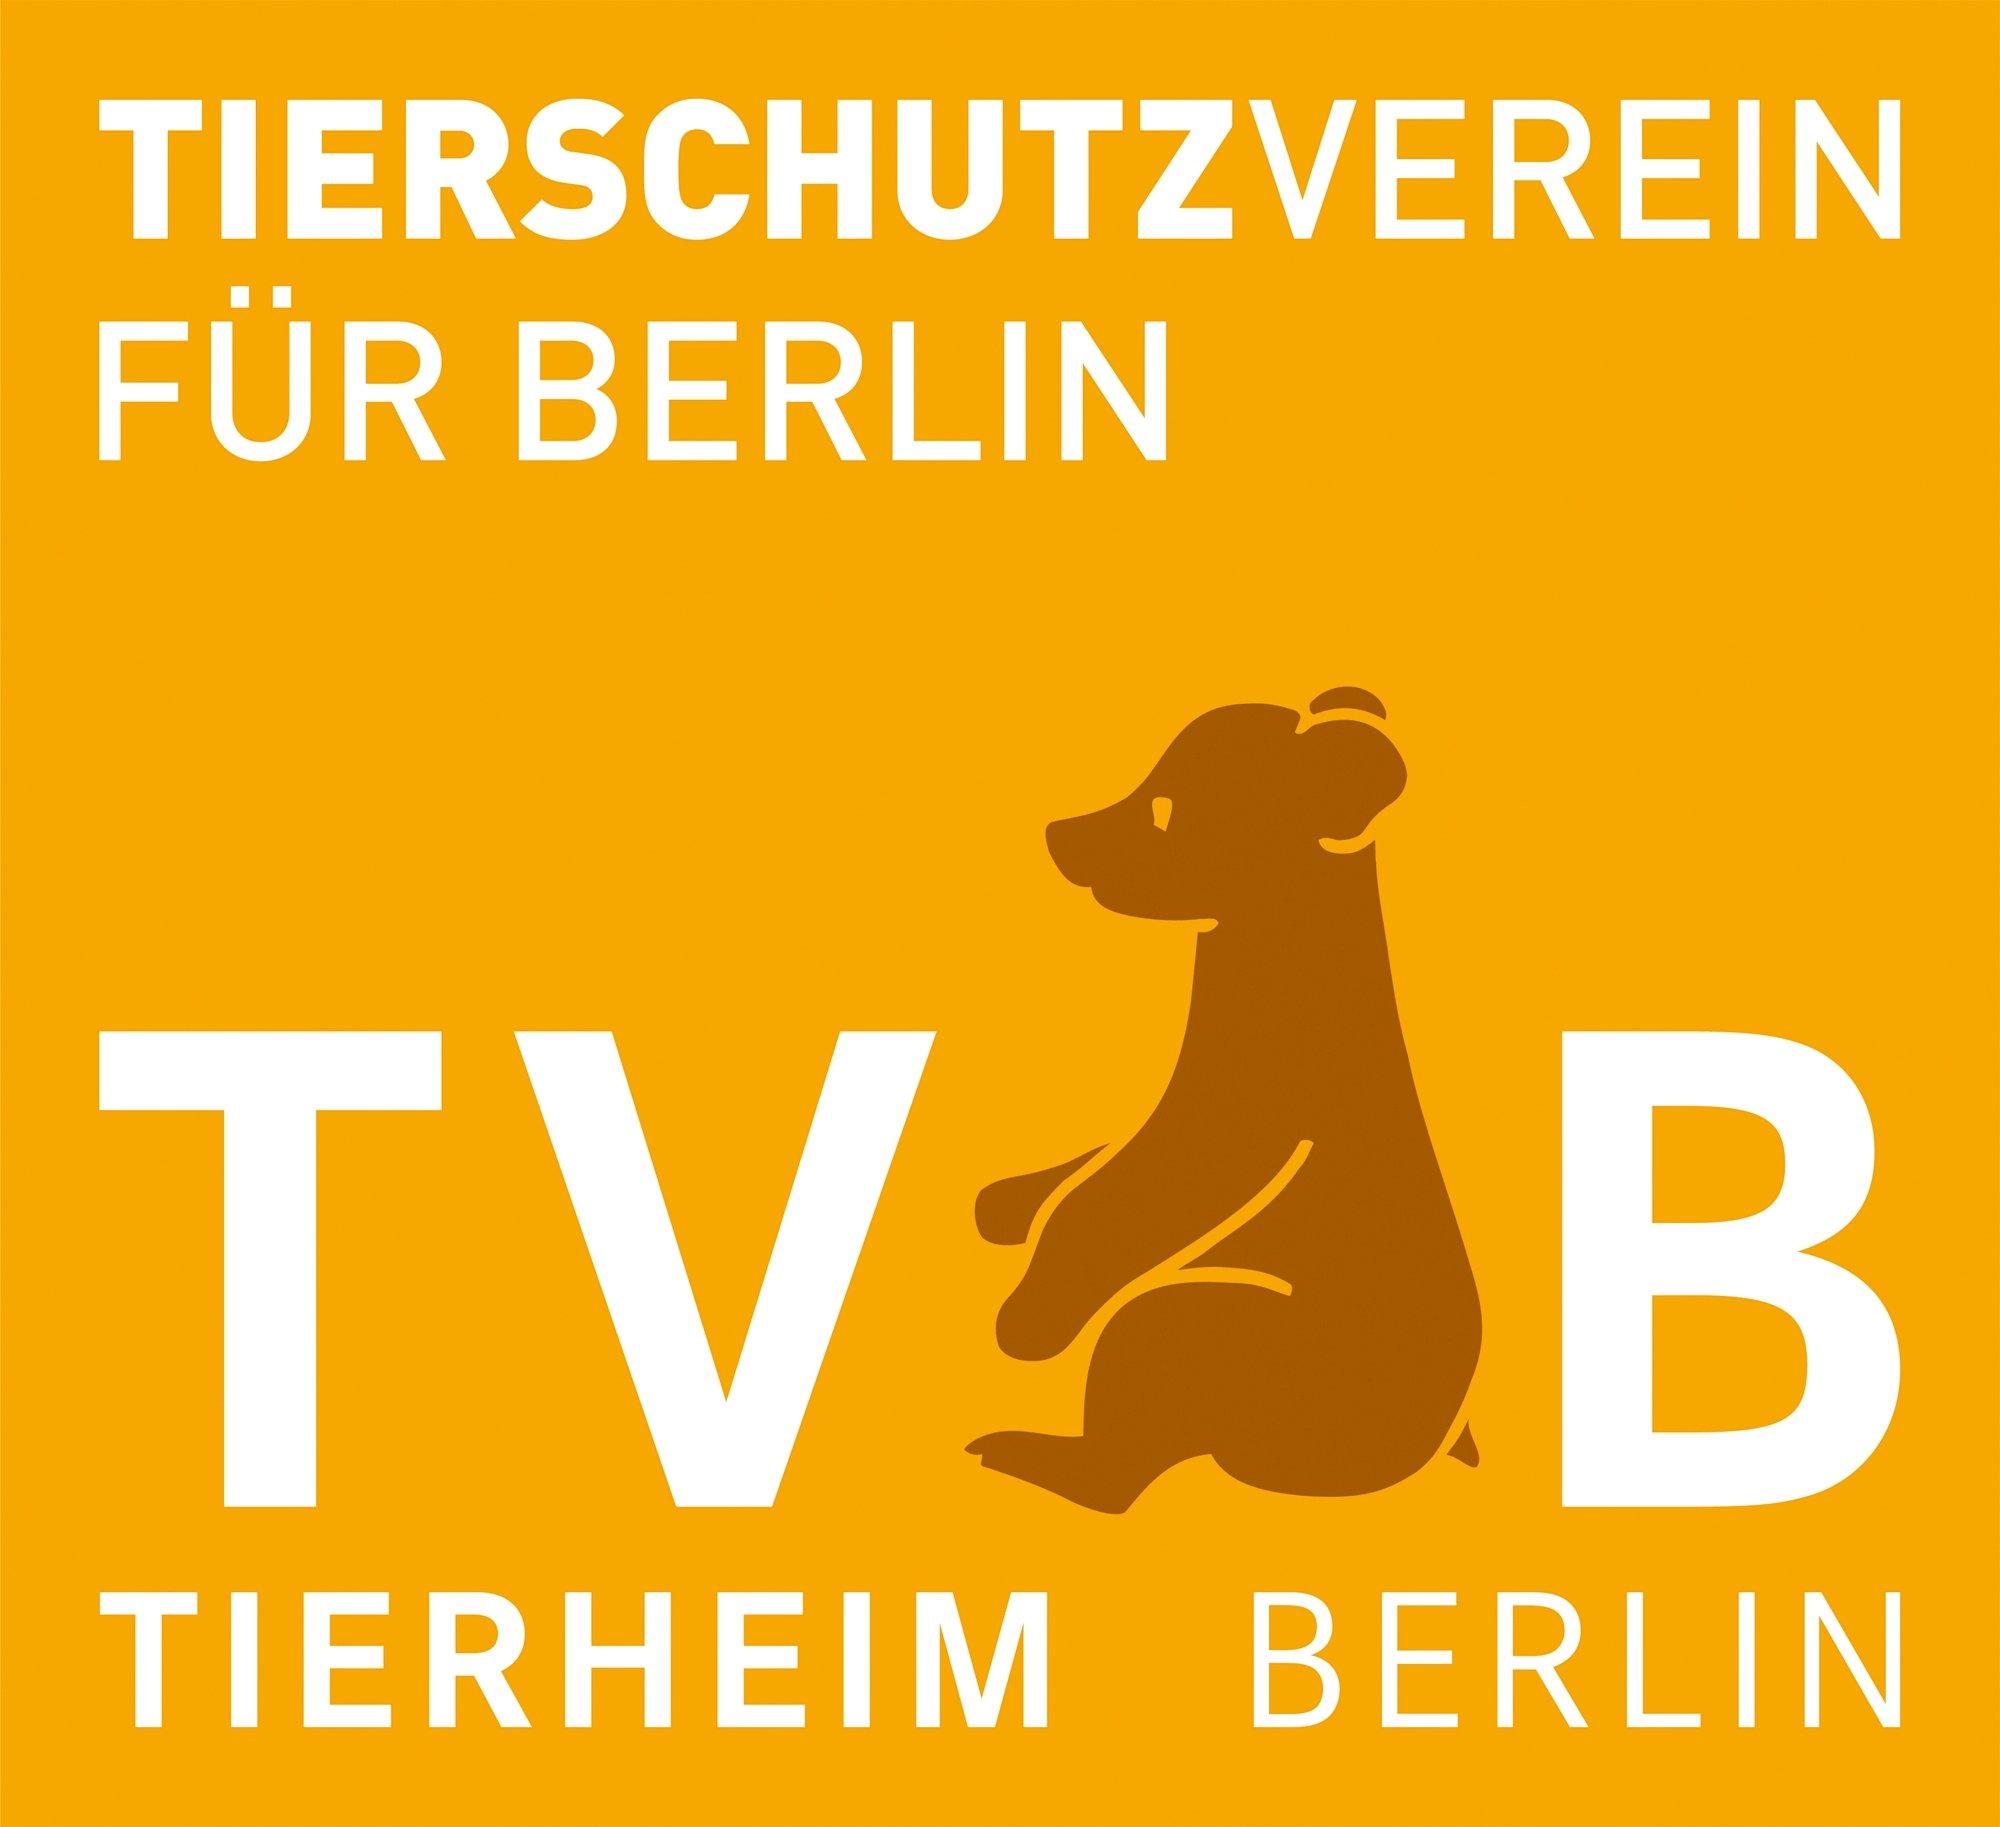 Tierschutzverein für Berlin und Umgebung Corporation e.V. - Logo